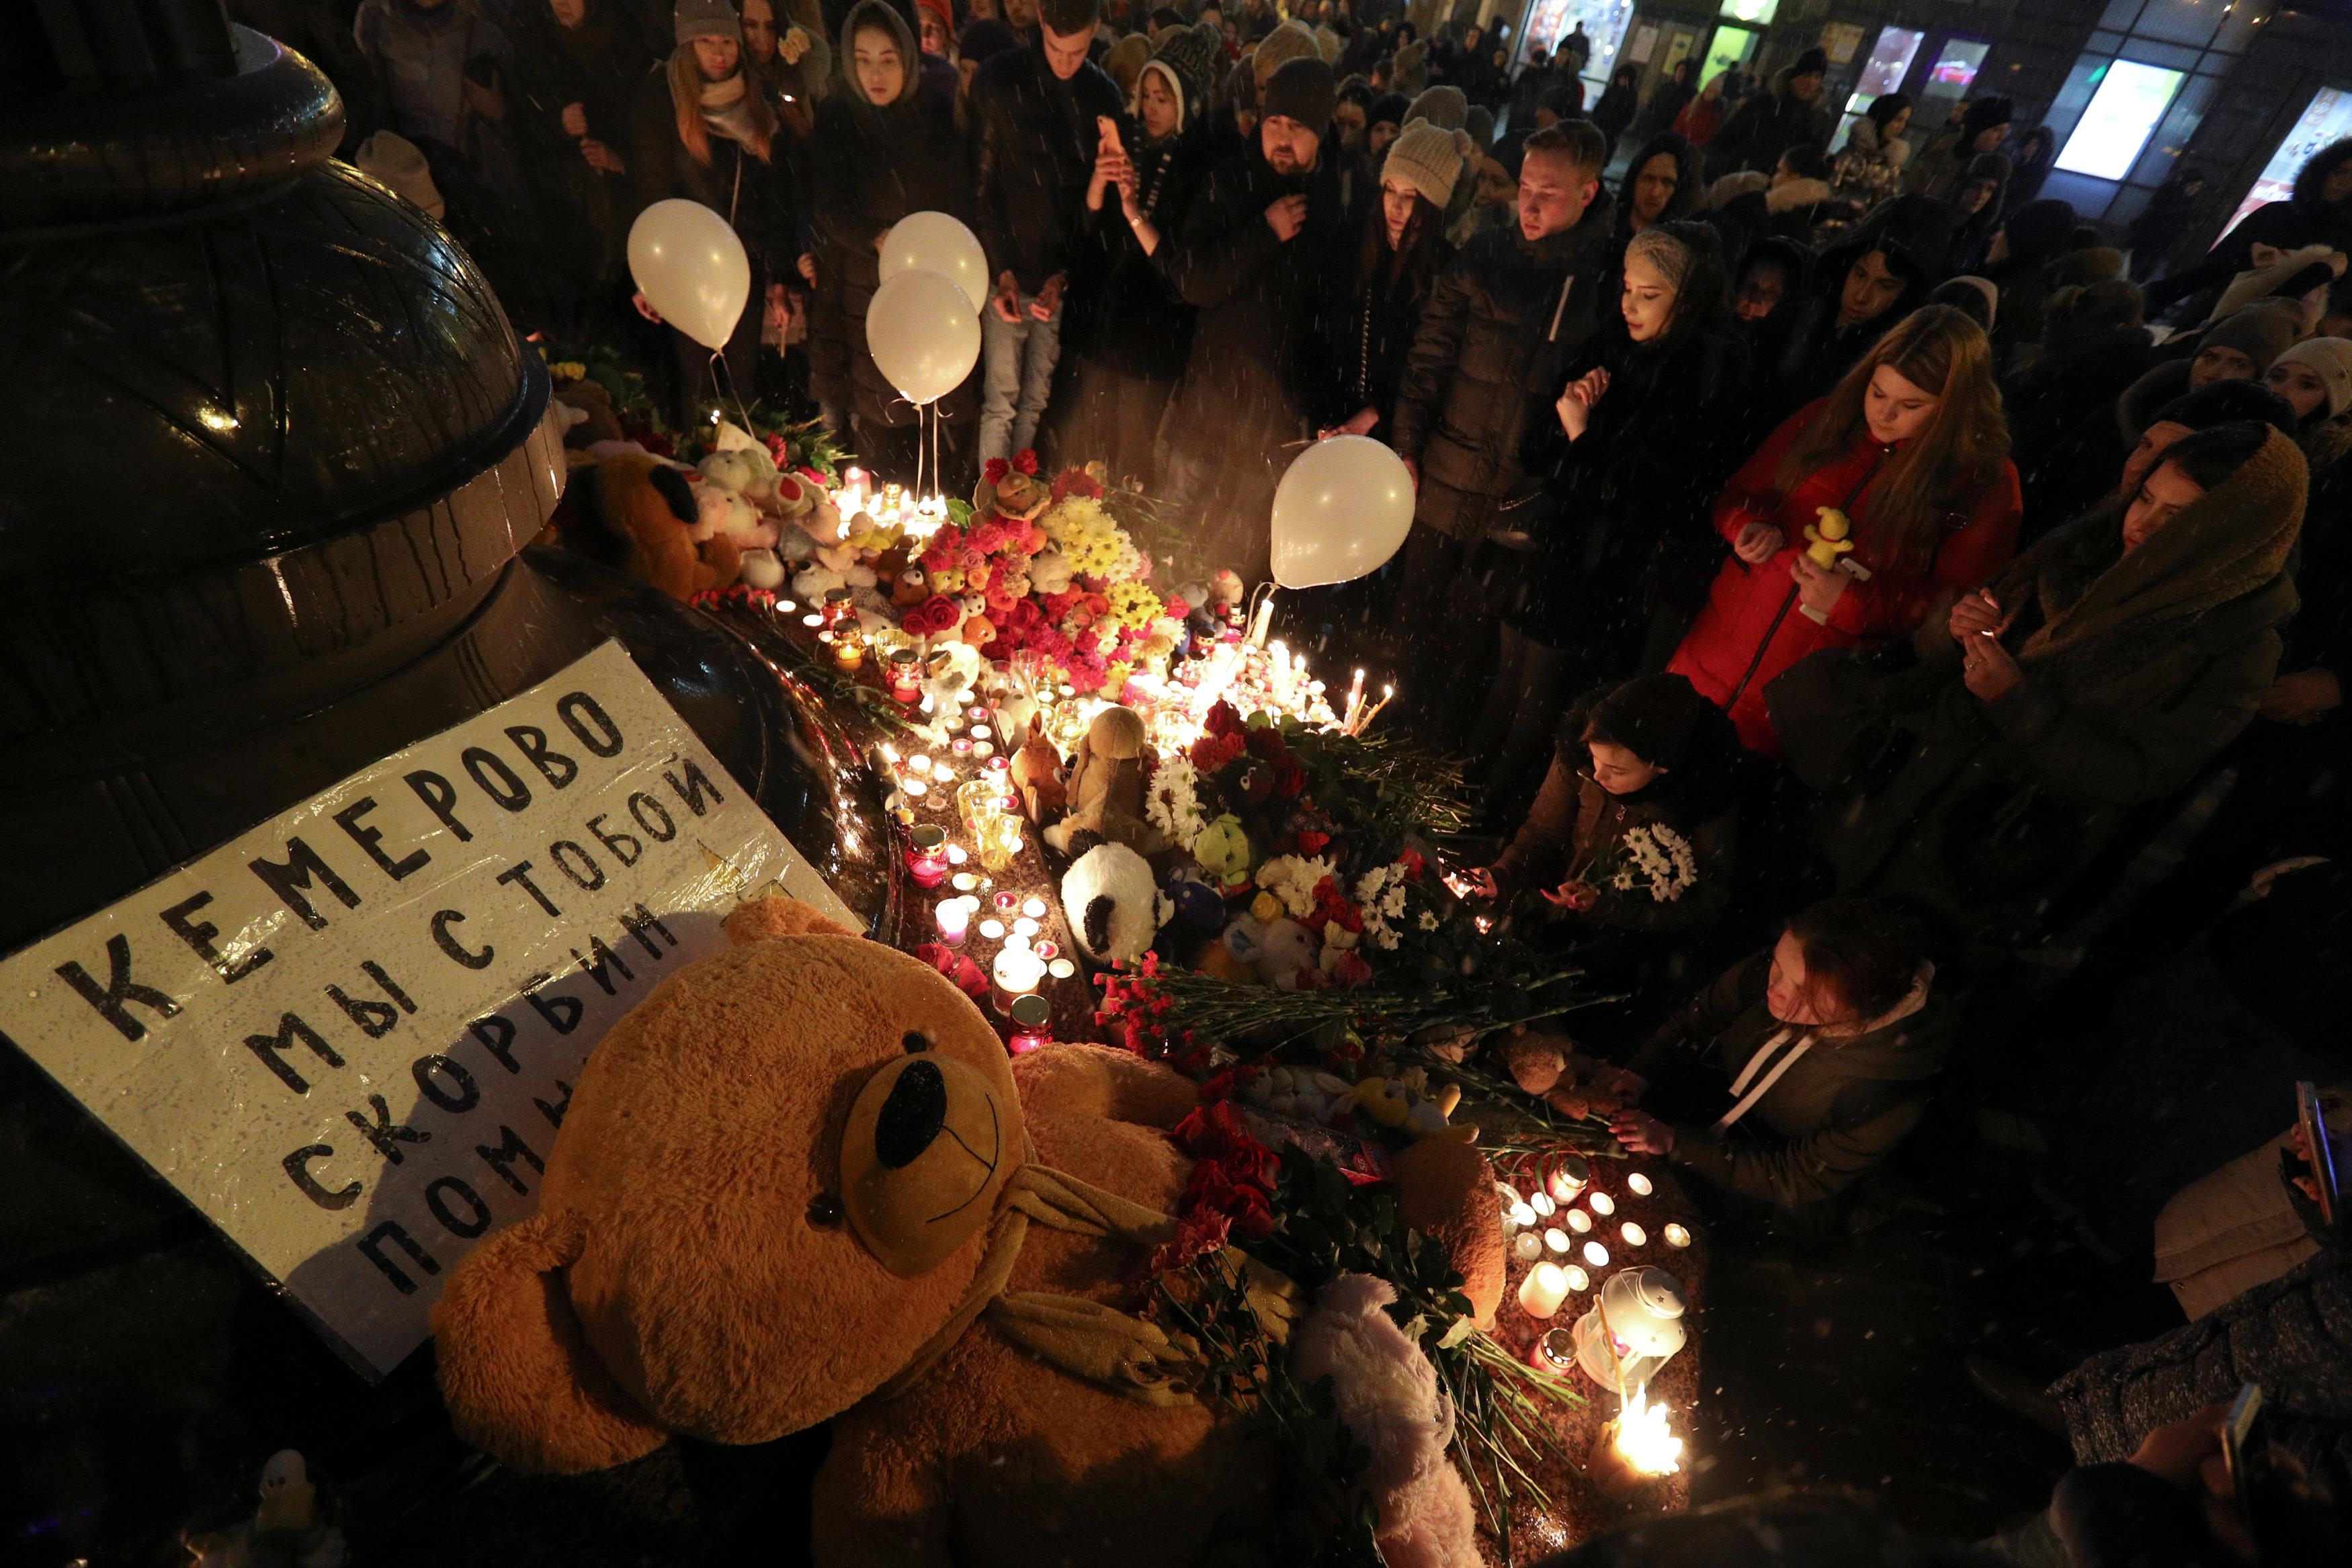 """Manifestación enKazan. """"Kamerovo, estamos con ustedes"""", dice el cartel. (REUTERS/Ilnar Tukhbatov)"""